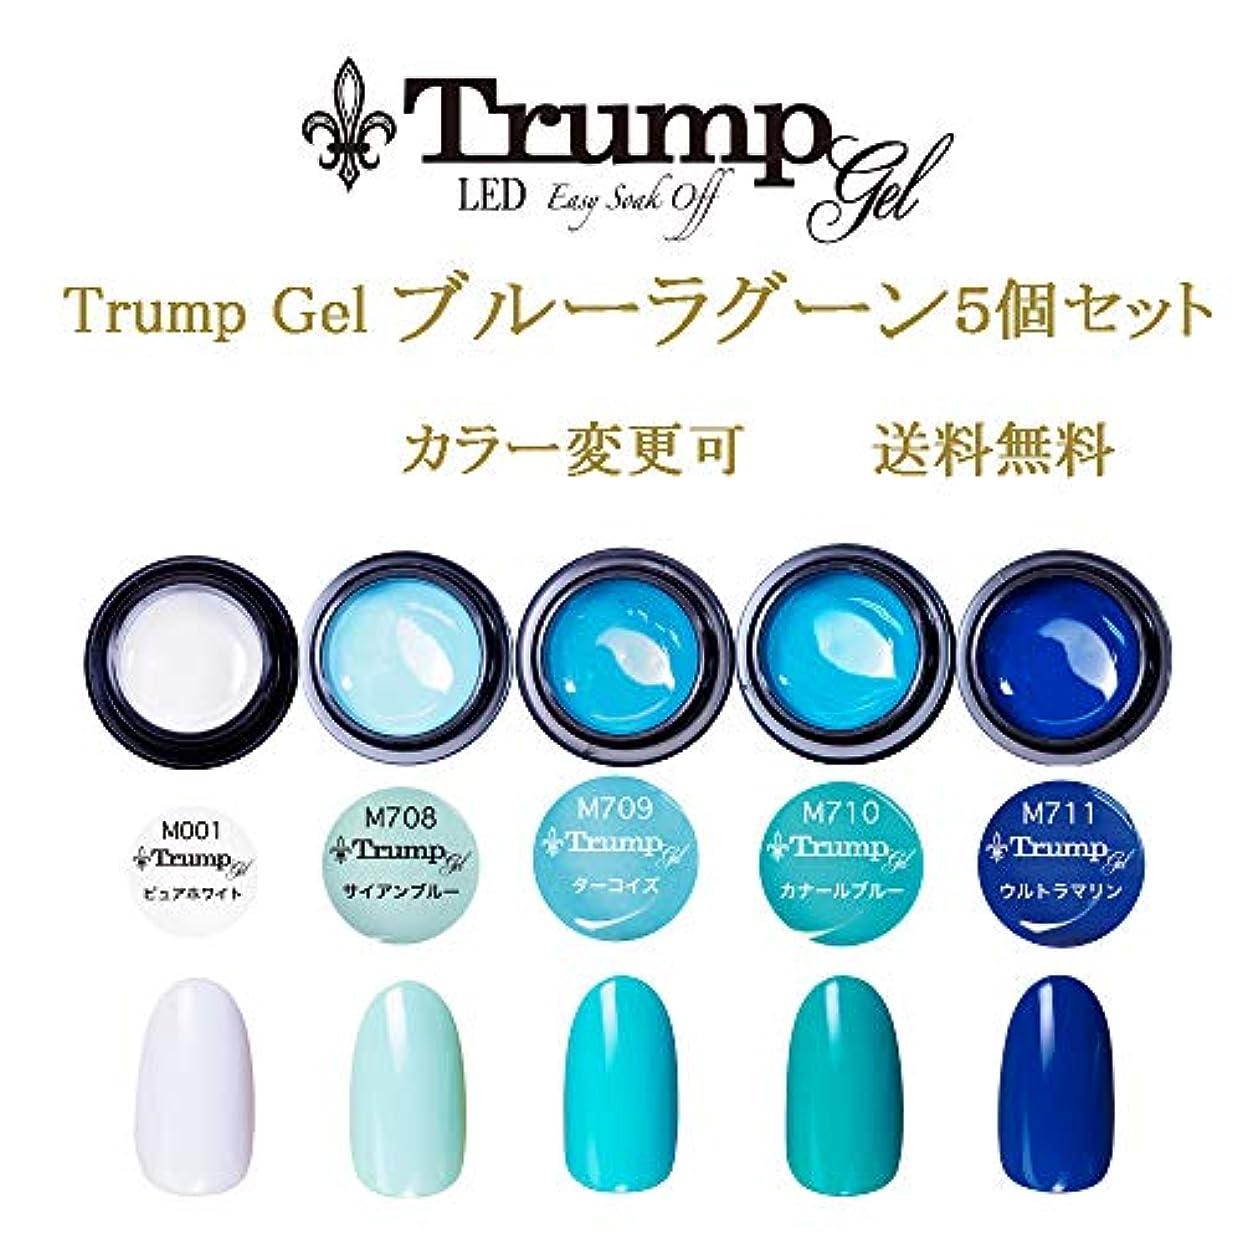 フライト少年立ち向かう日本製 Trump gel トランプジェル ブルーラグーン カラー 選べる カラージェル 5個セット ブルー ターコイズ ホワイト